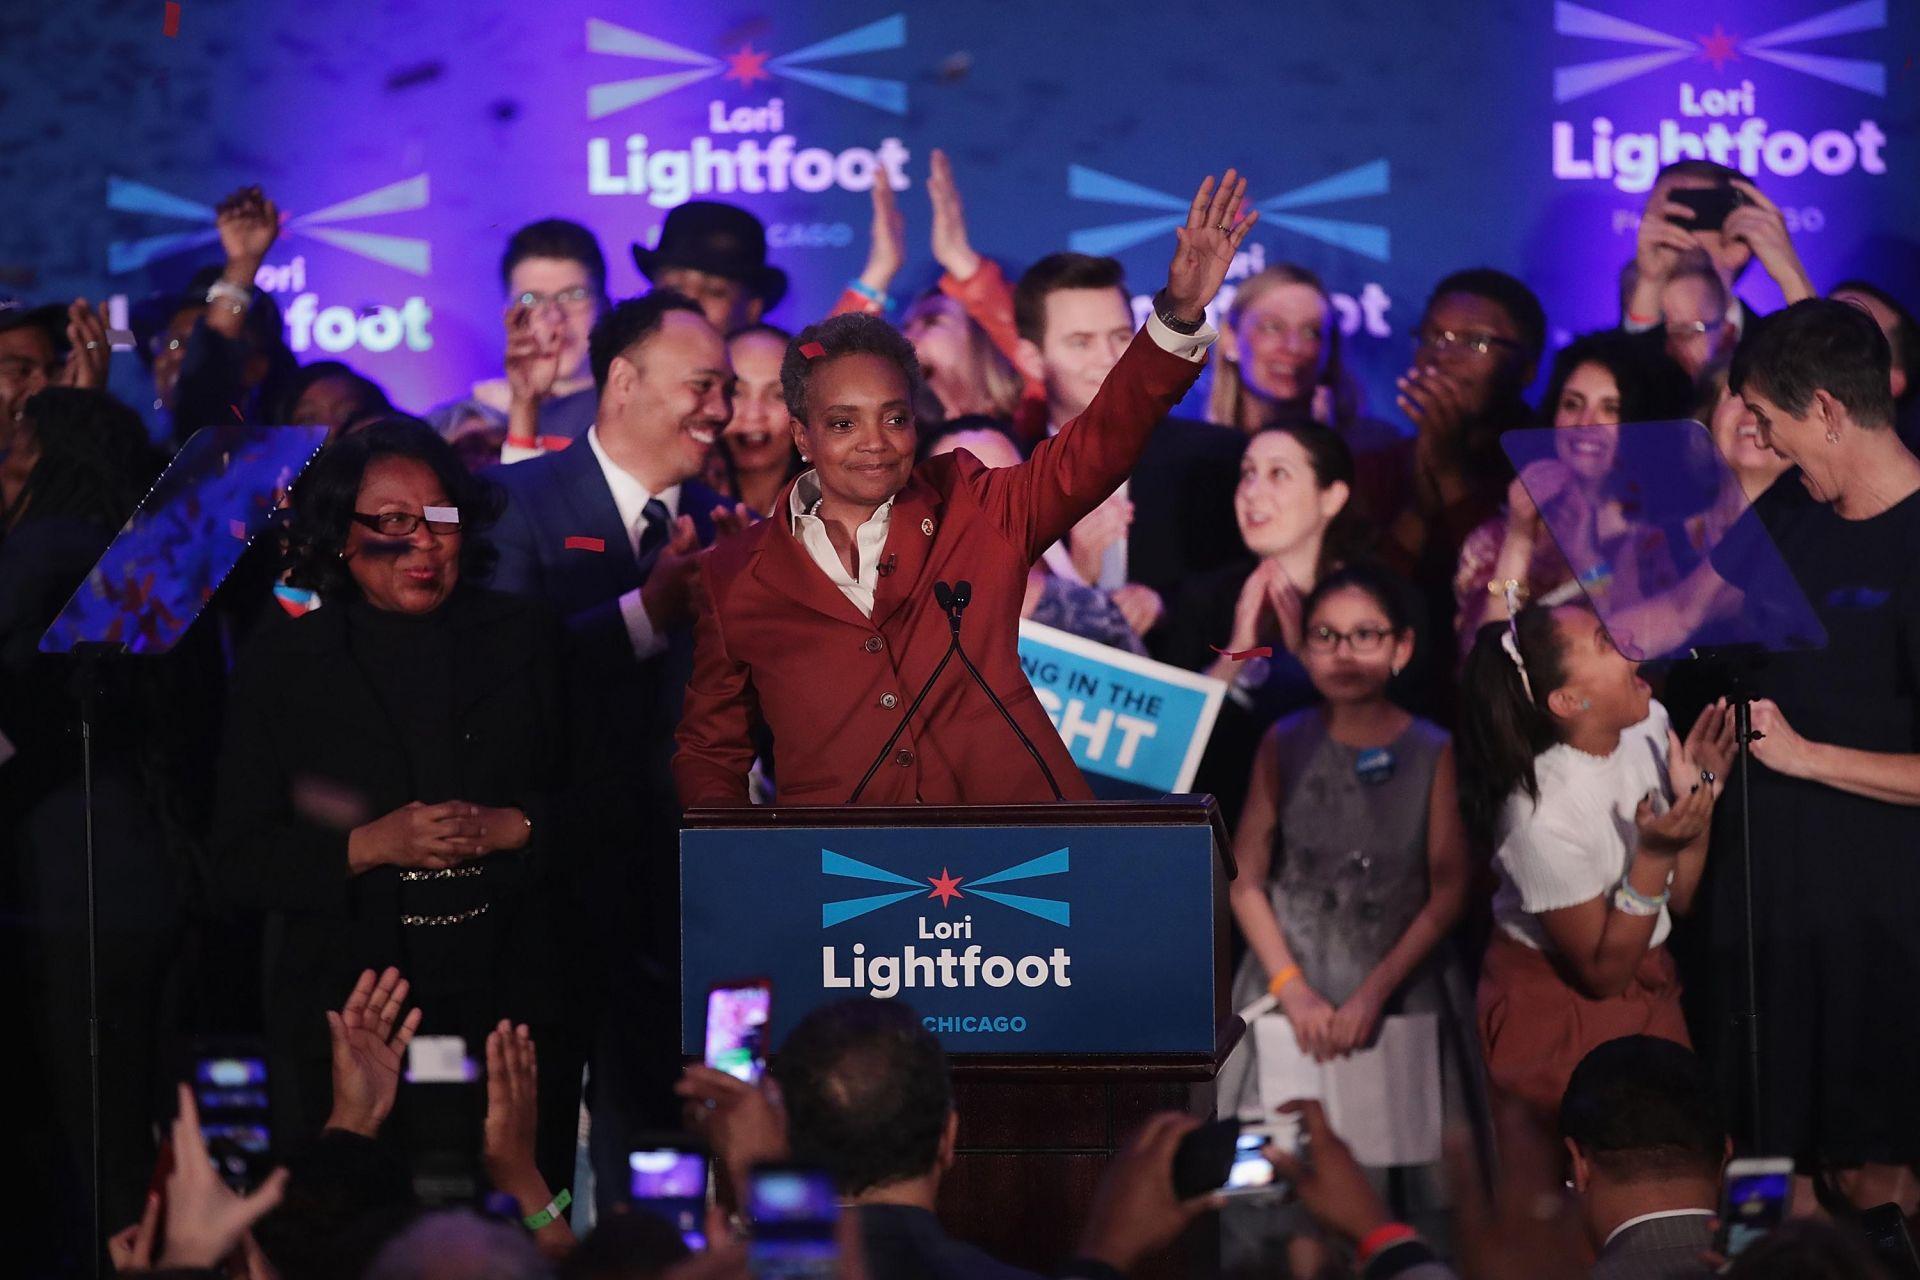 Лори Лайтфут обявява победата си на изборите за кмет на Чикаго